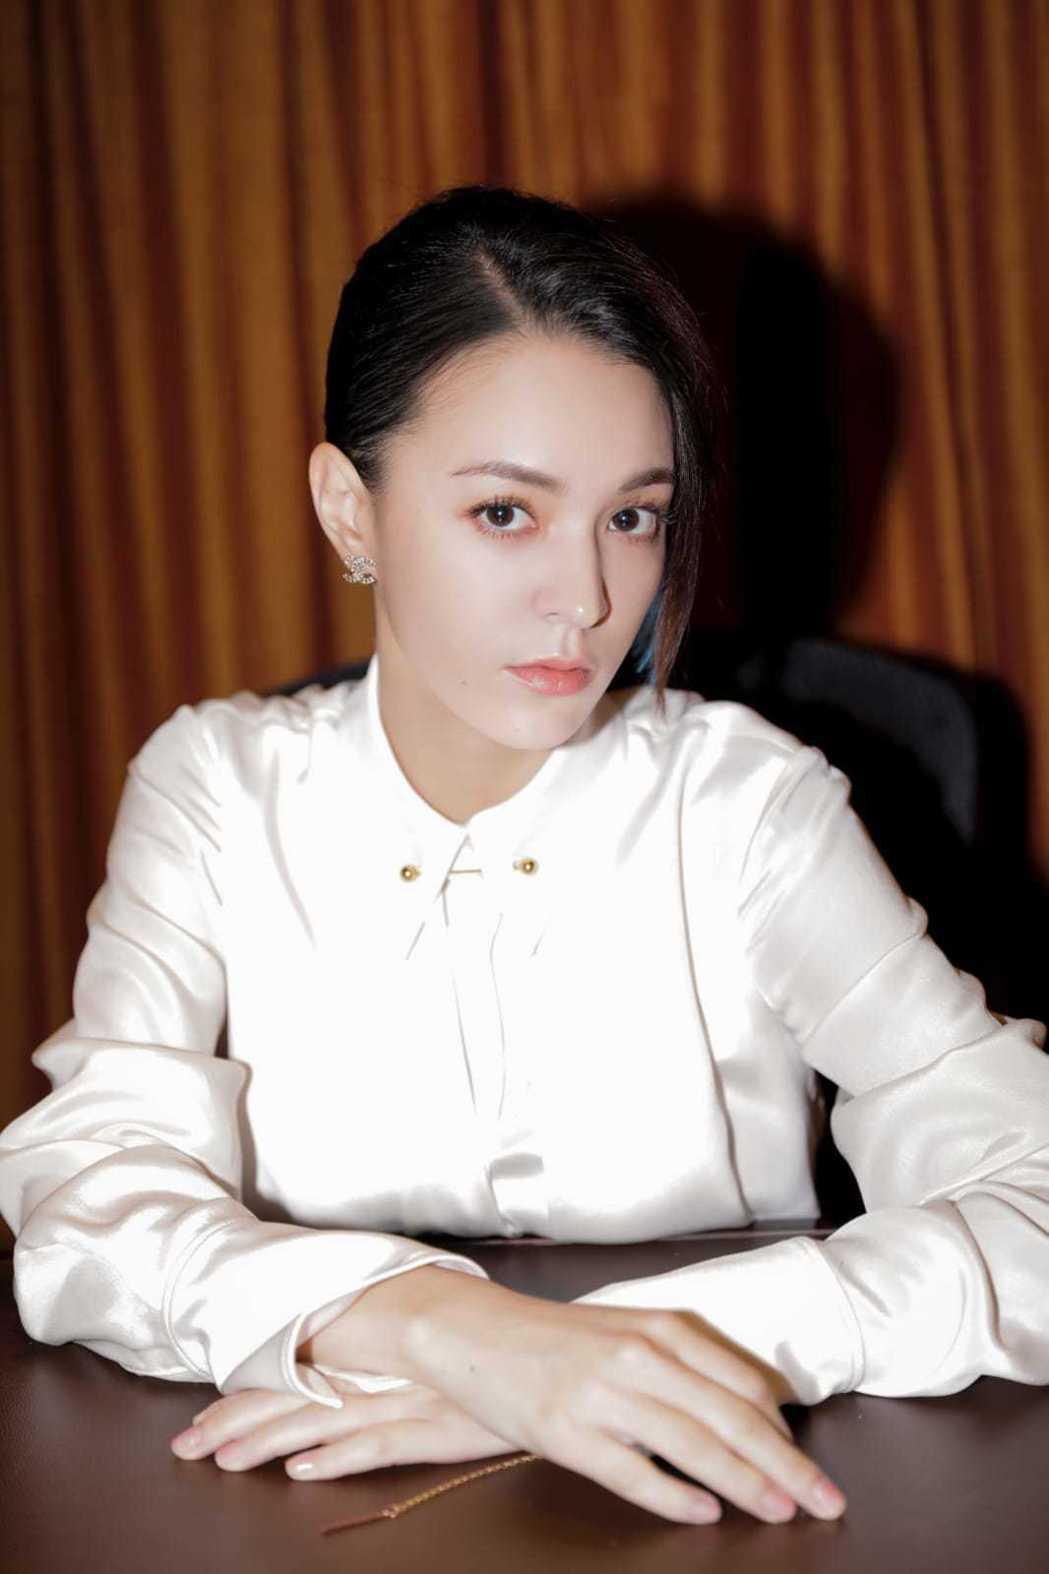 張榕容主演「素人特工」。圖/澤東提供